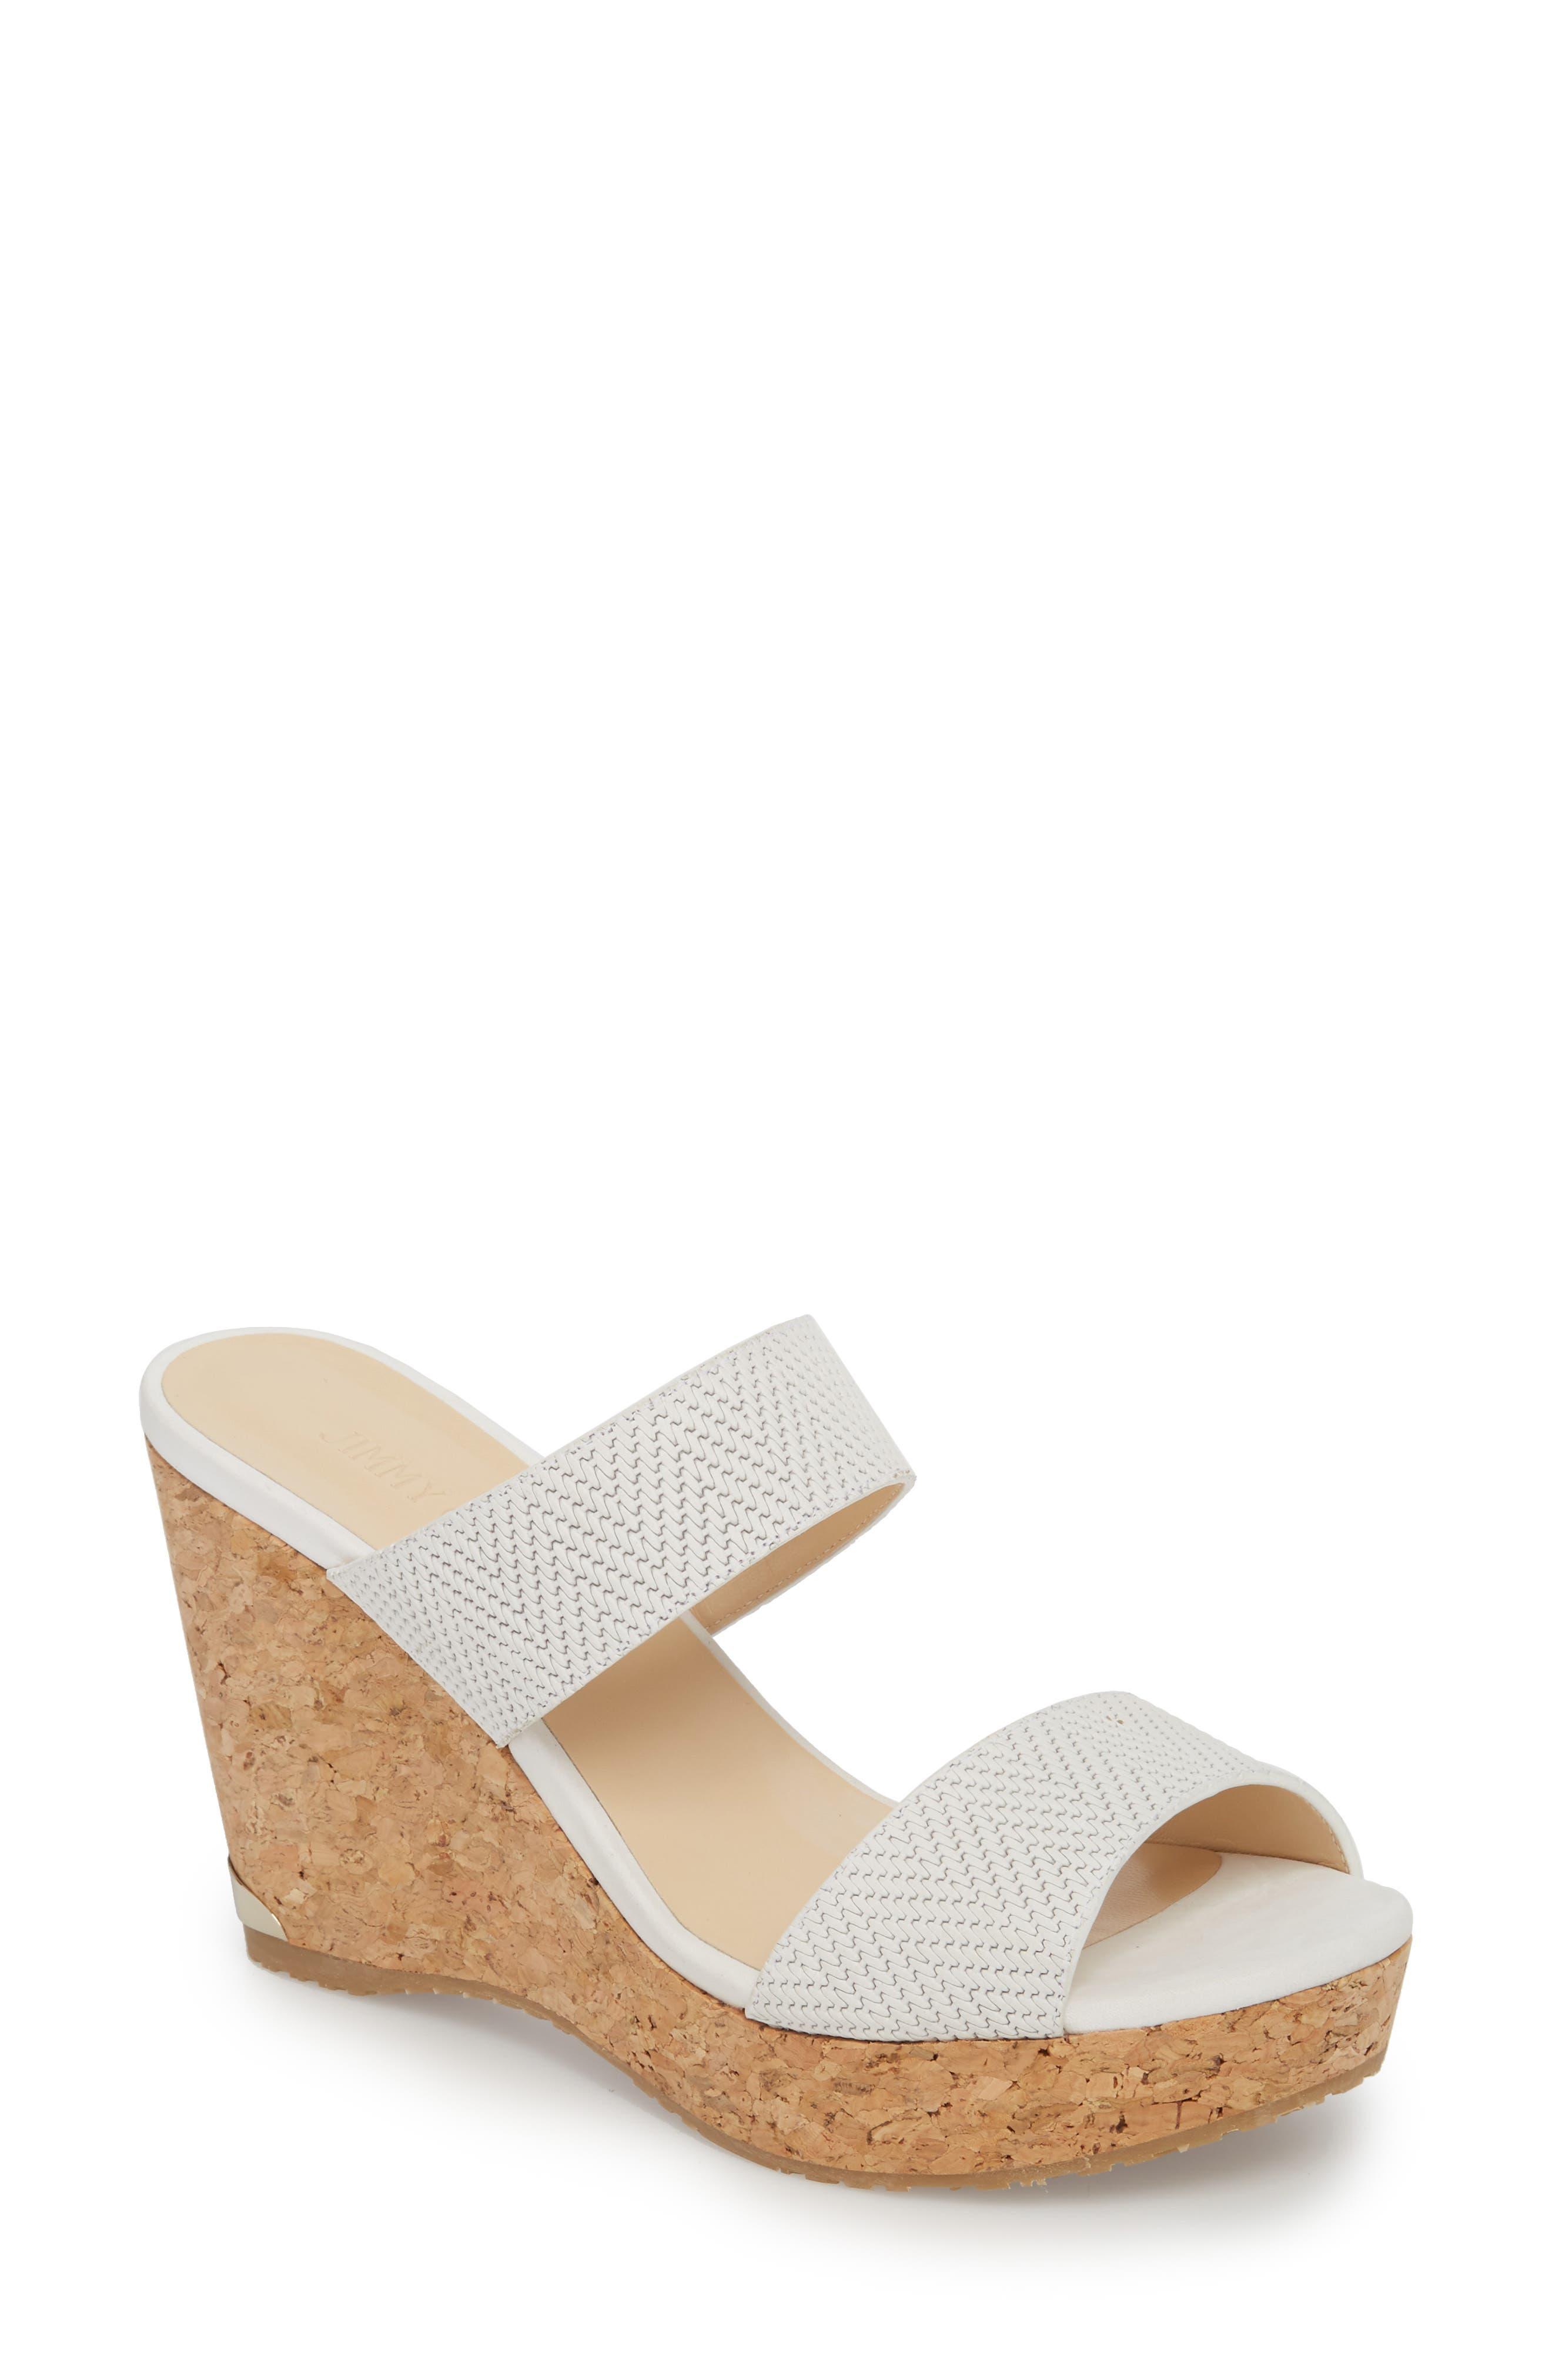 Parker Wedge Slide Sandal,                         Main,                         color, 100